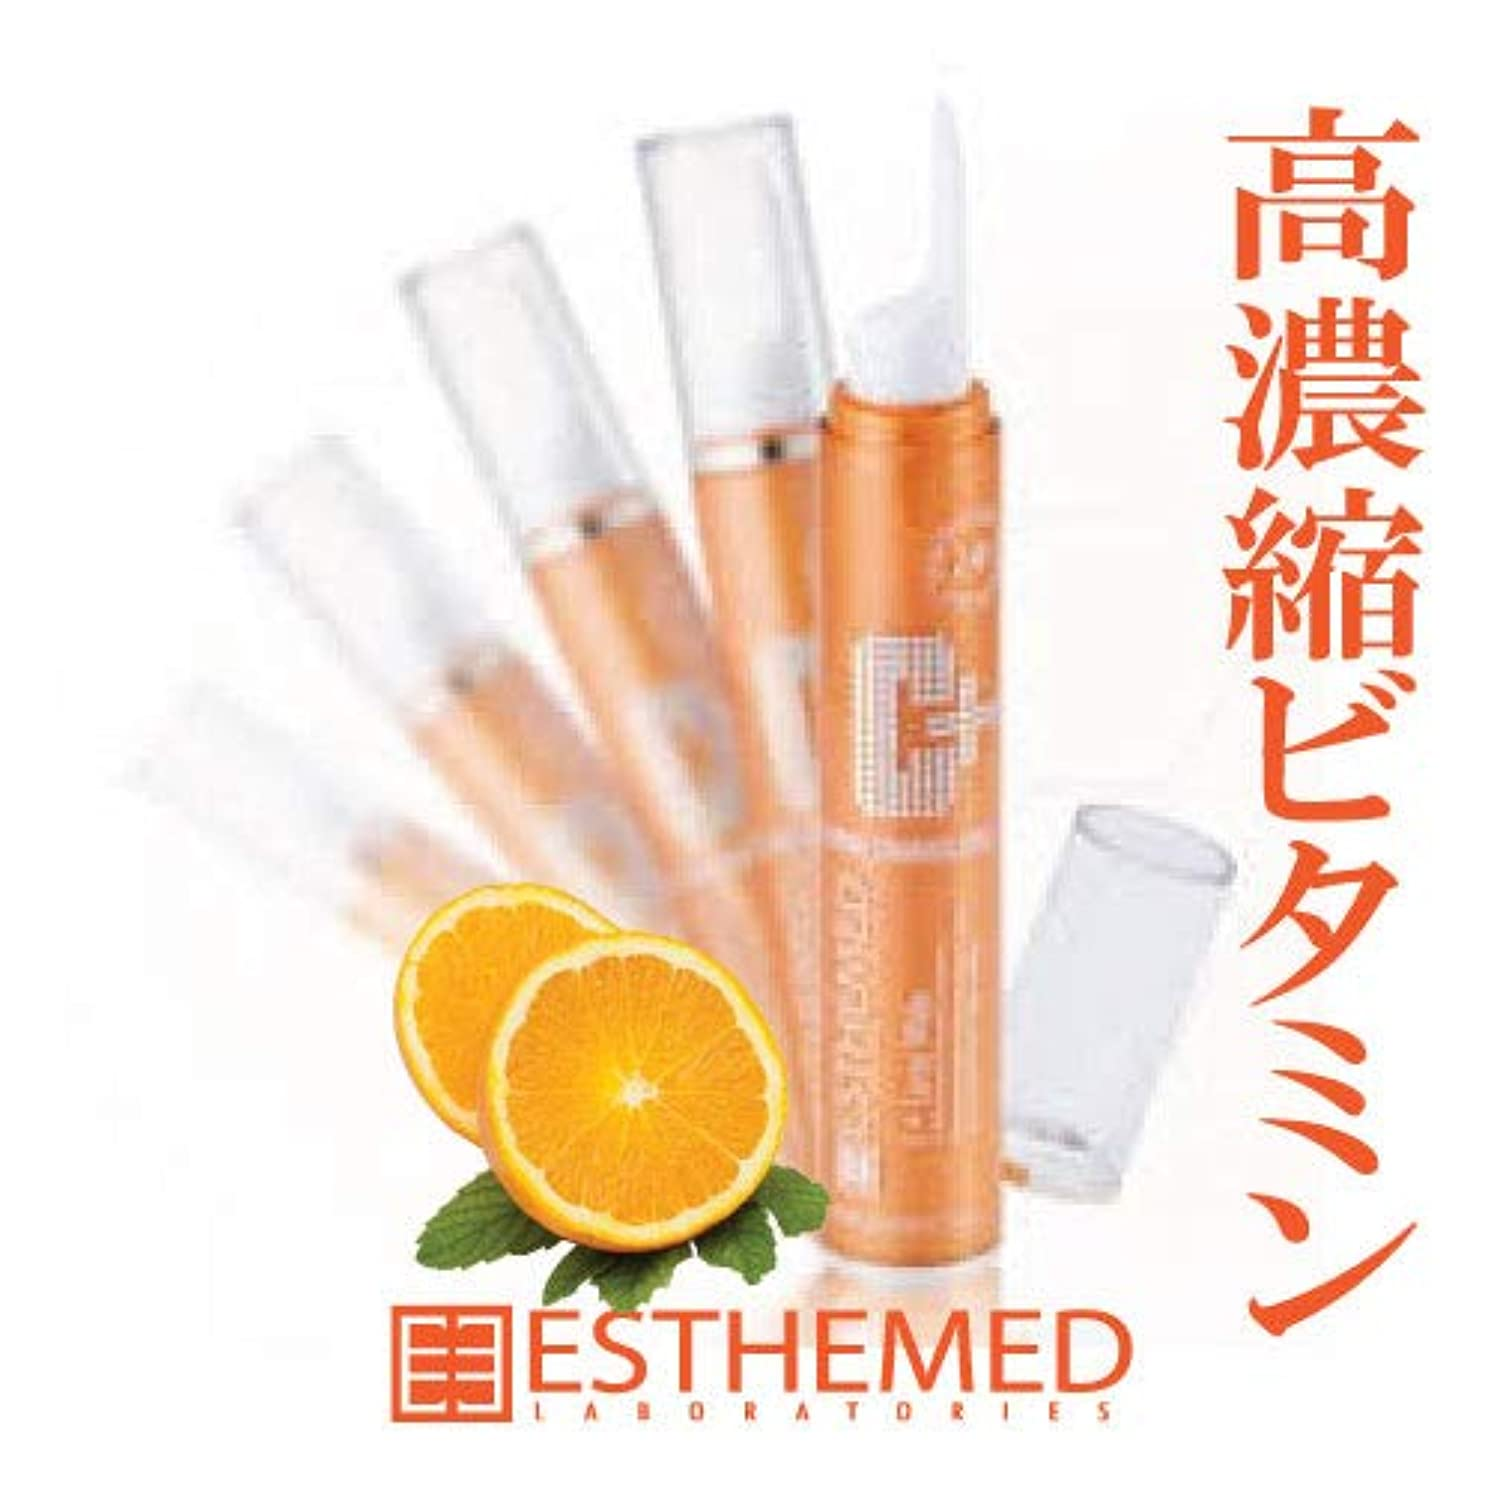 気難しい増強する責任[ESTHEMED][エステメド]純粋なビタミンCの驚くホワイトニングC+レーザーホワイト15ml/ビタミン、Whitening、レーザ